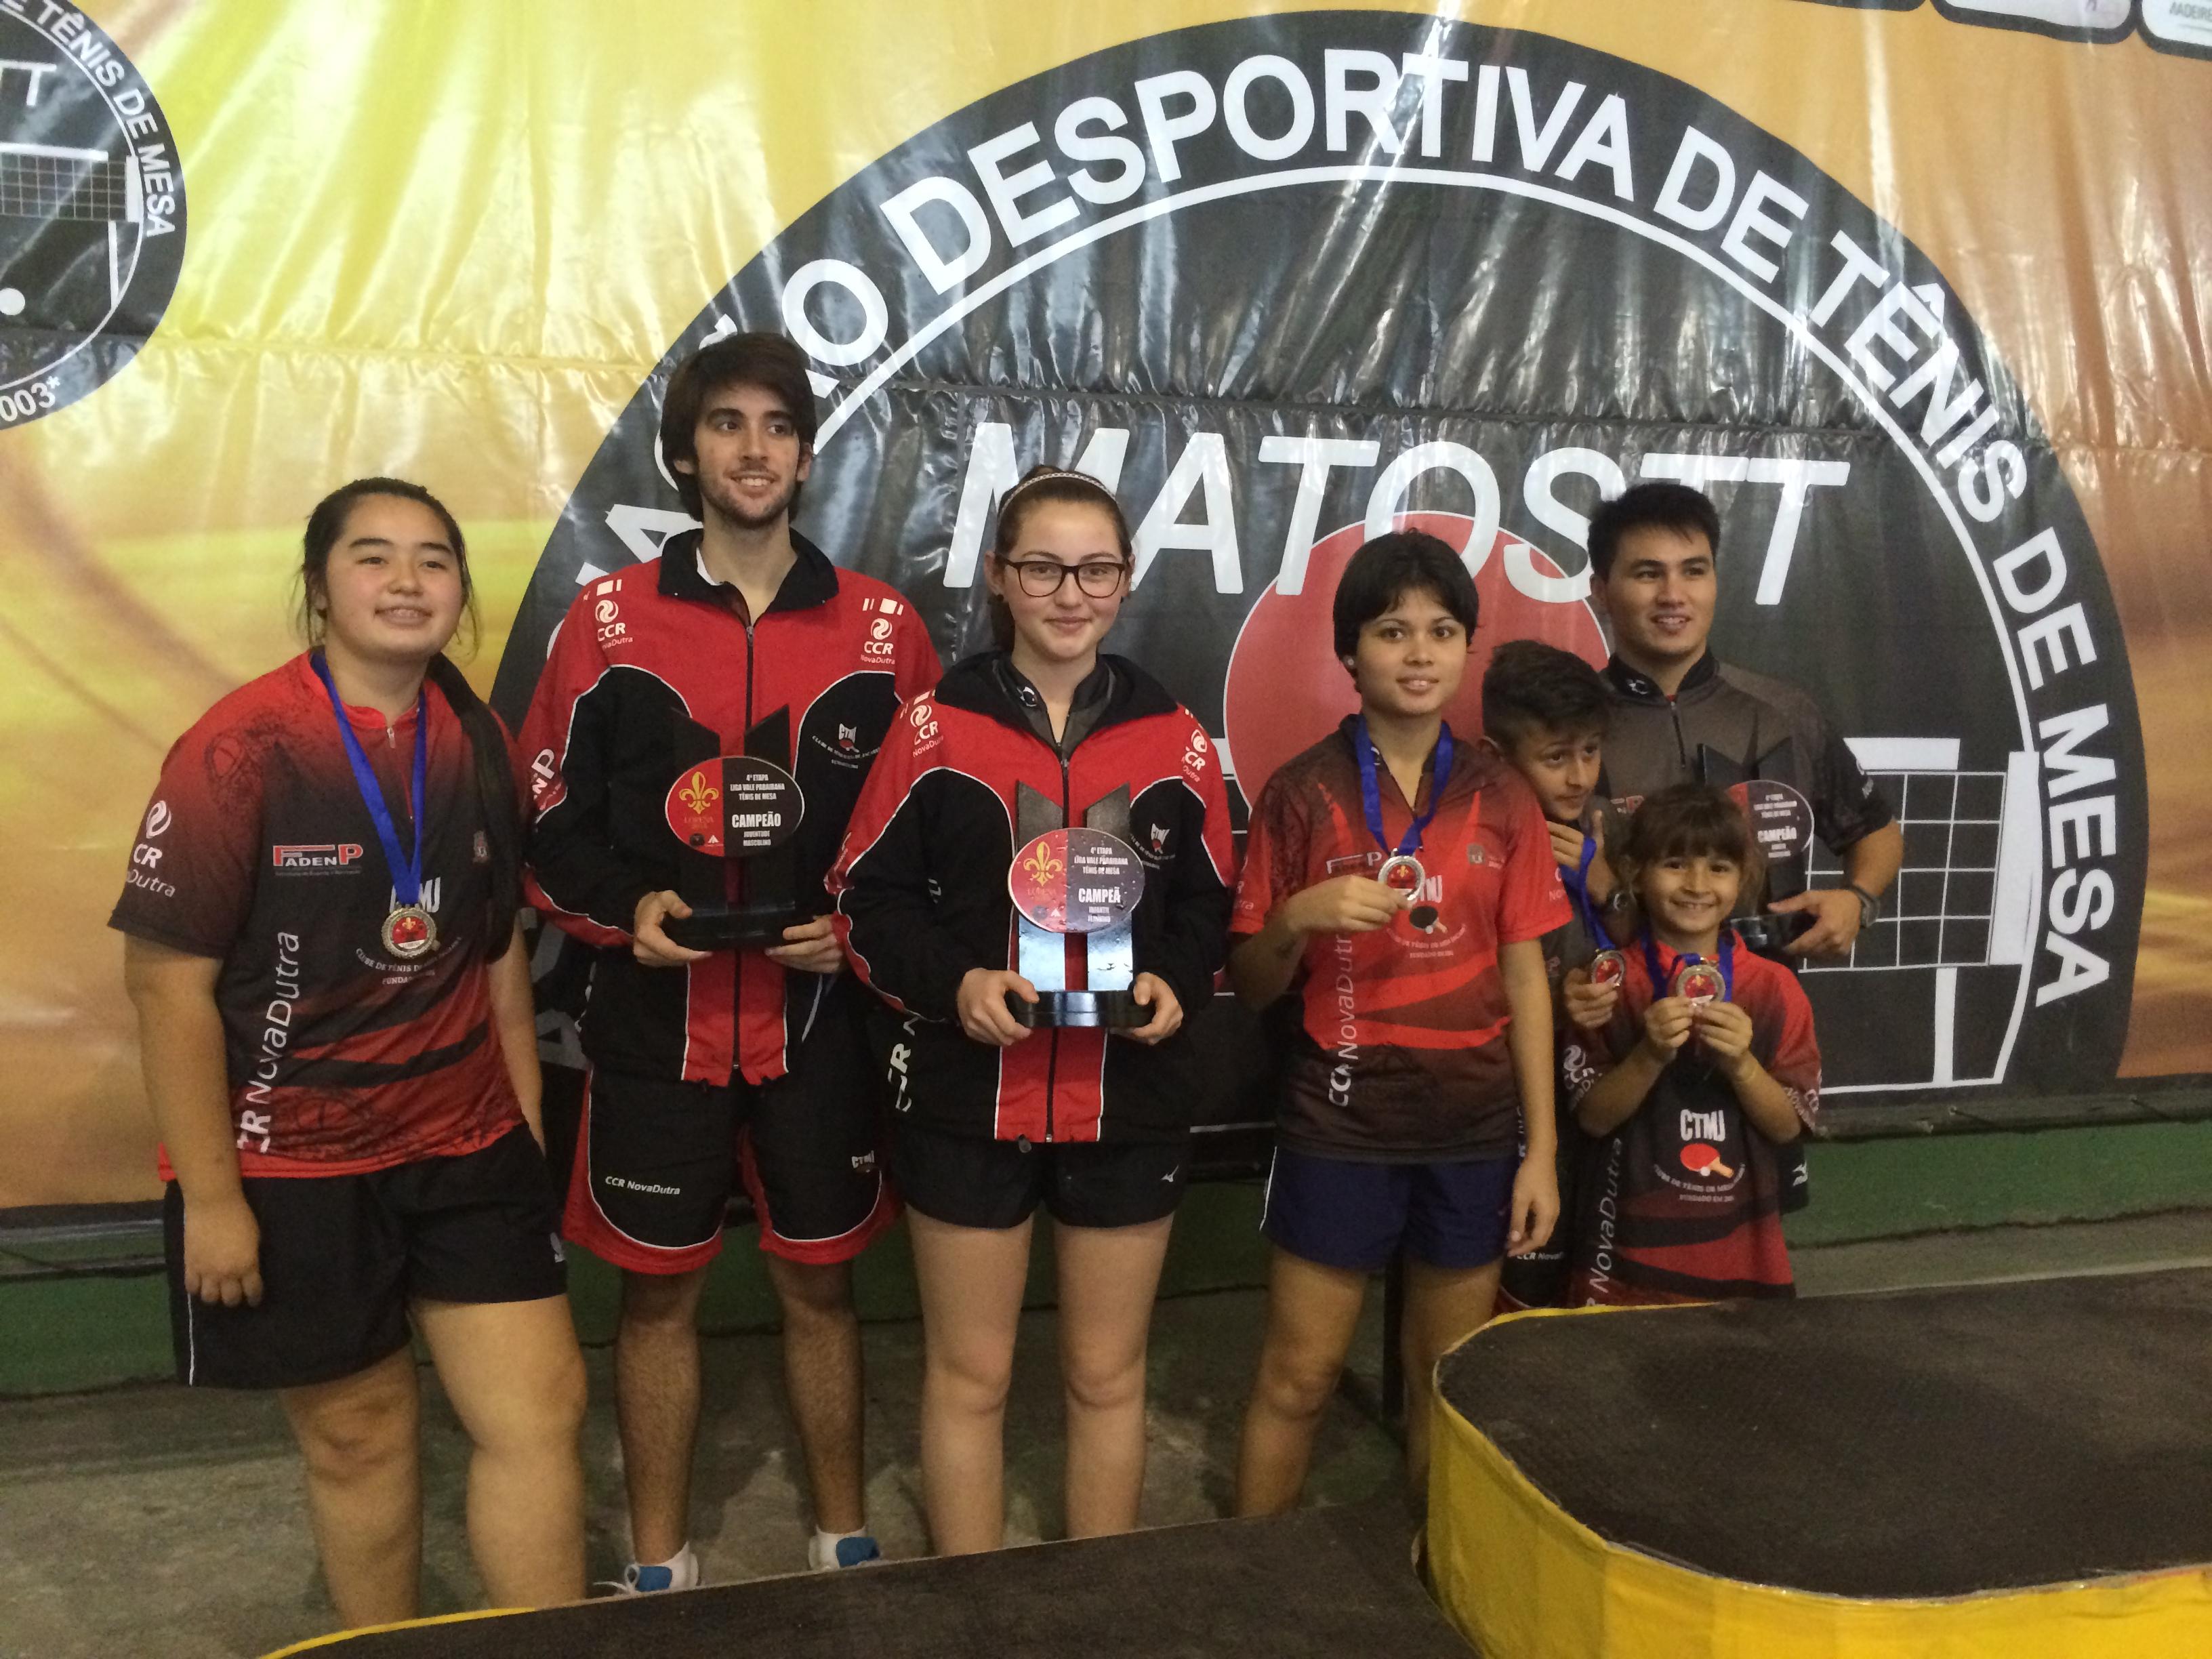 Tênis de Mesa conquista 11 medalhas na quarta etapa do Ranking Valeparaibano